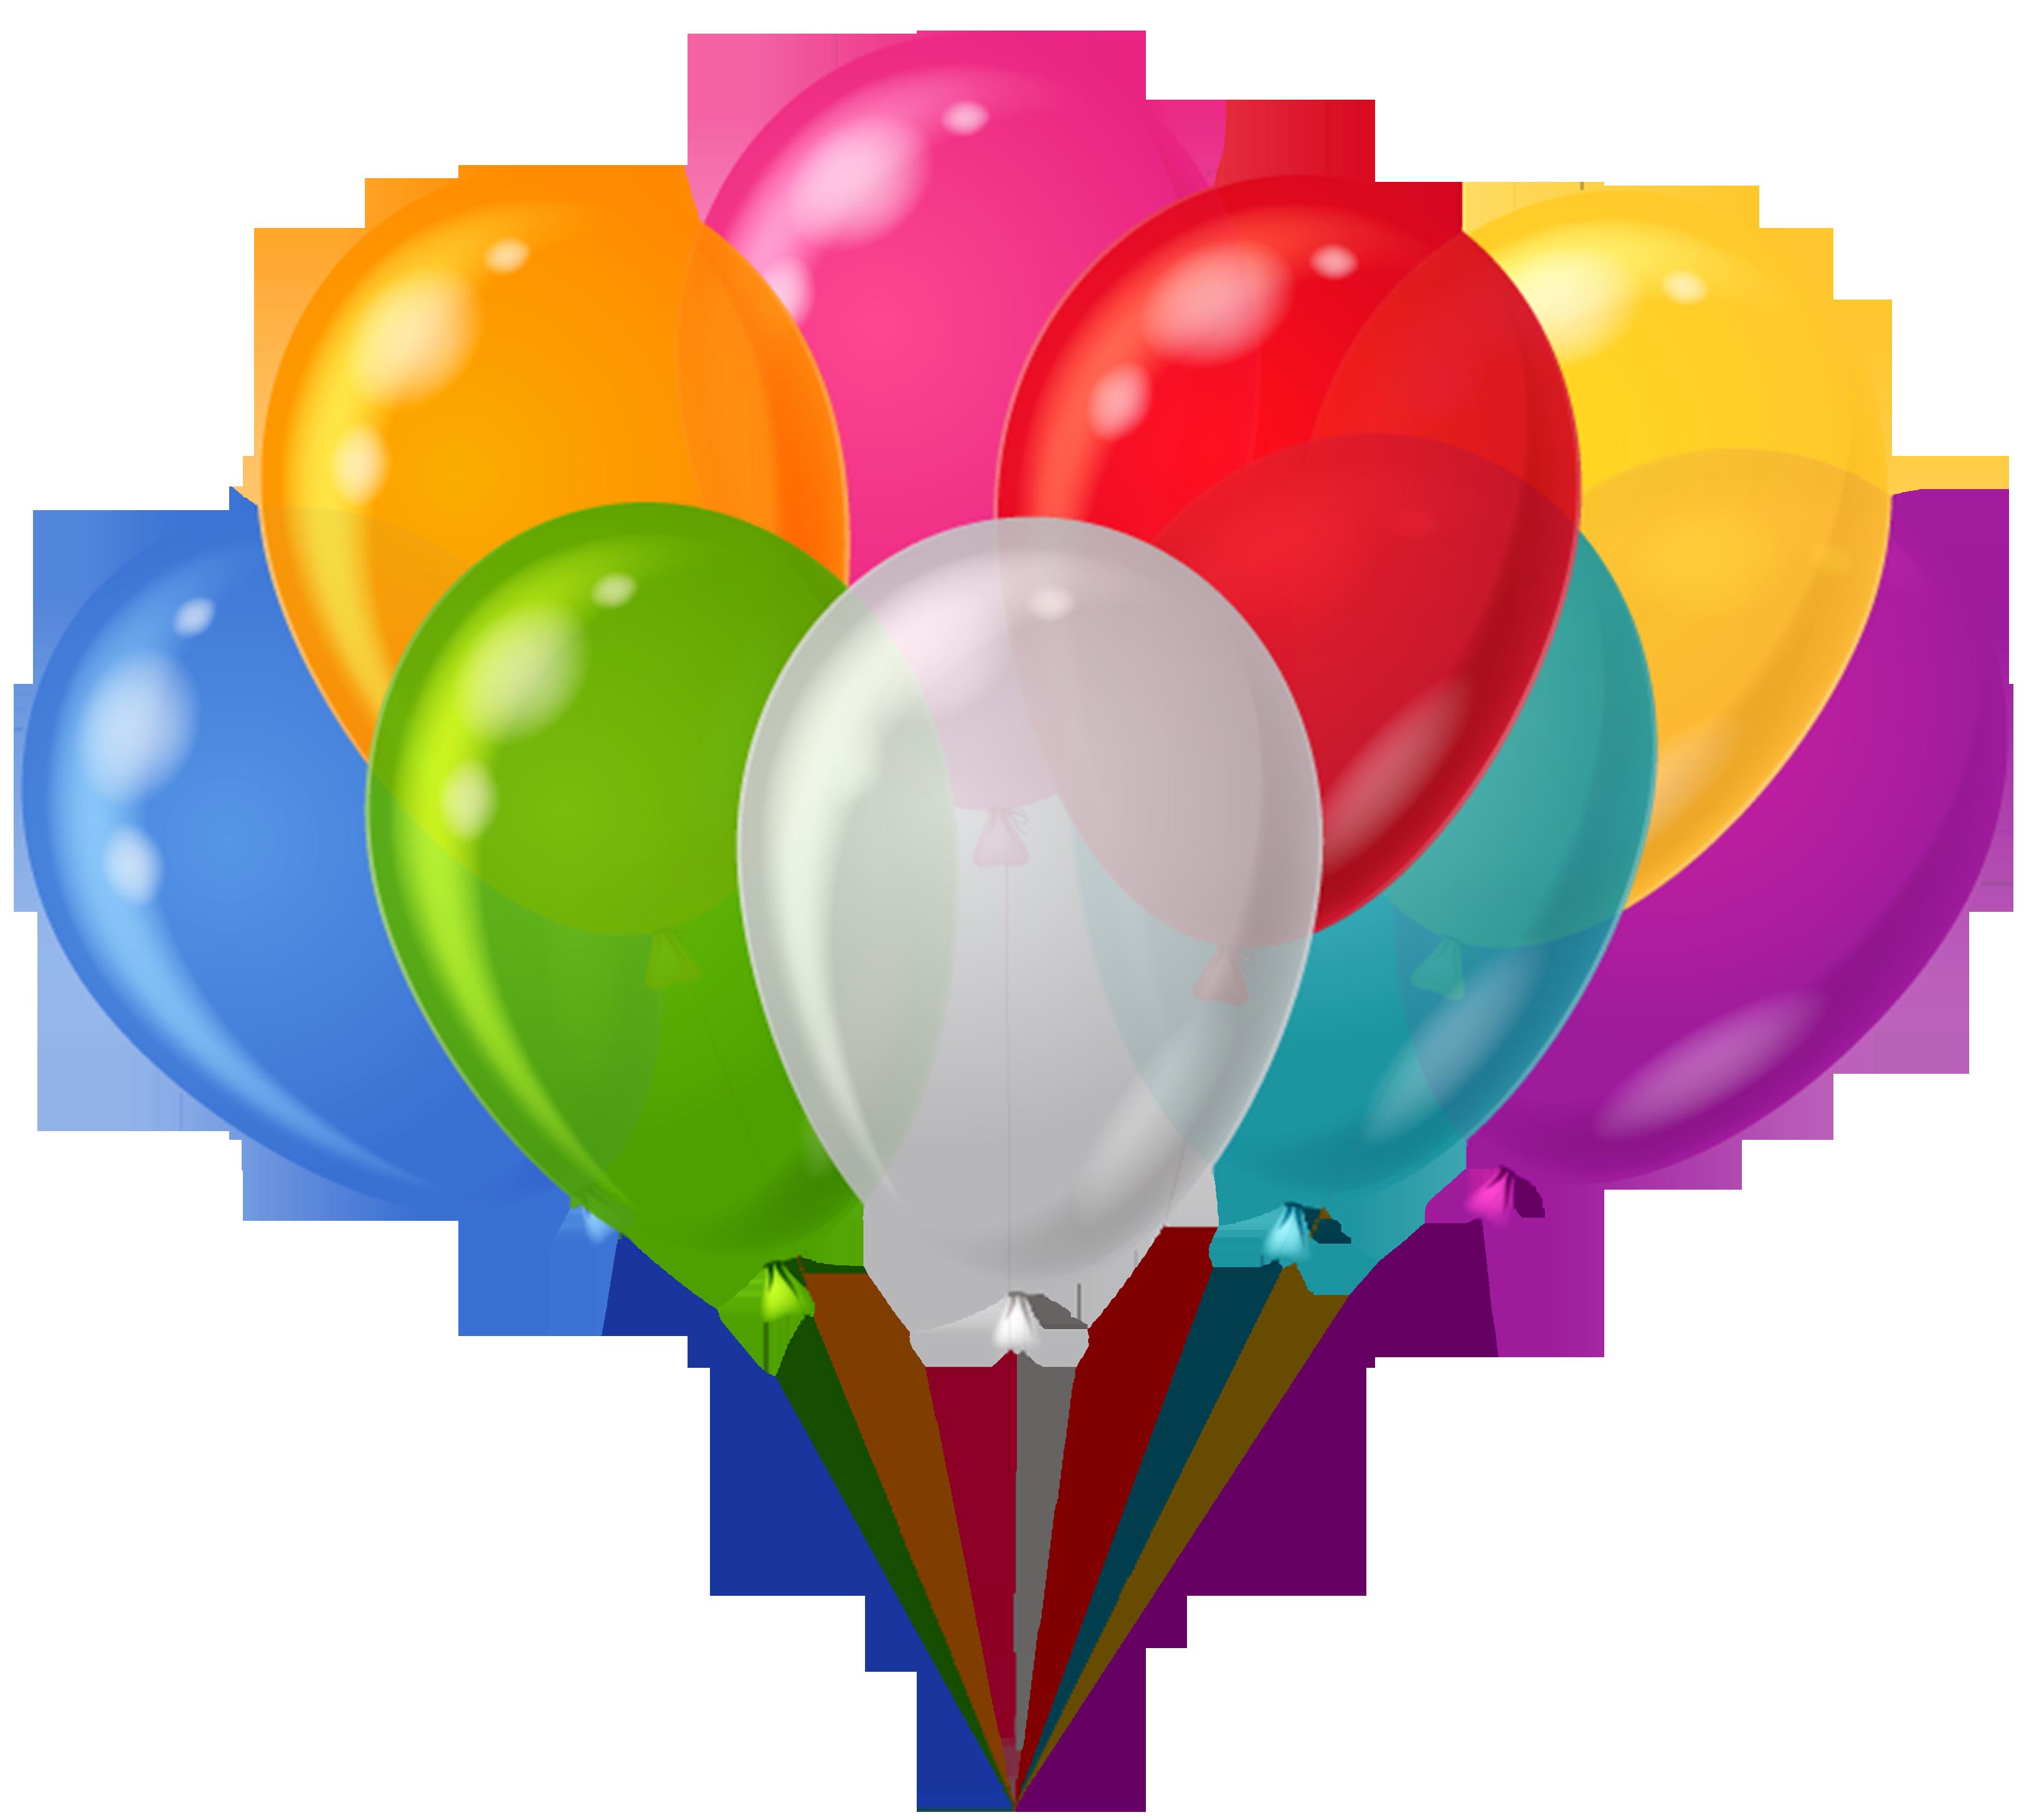 Ballon clipart